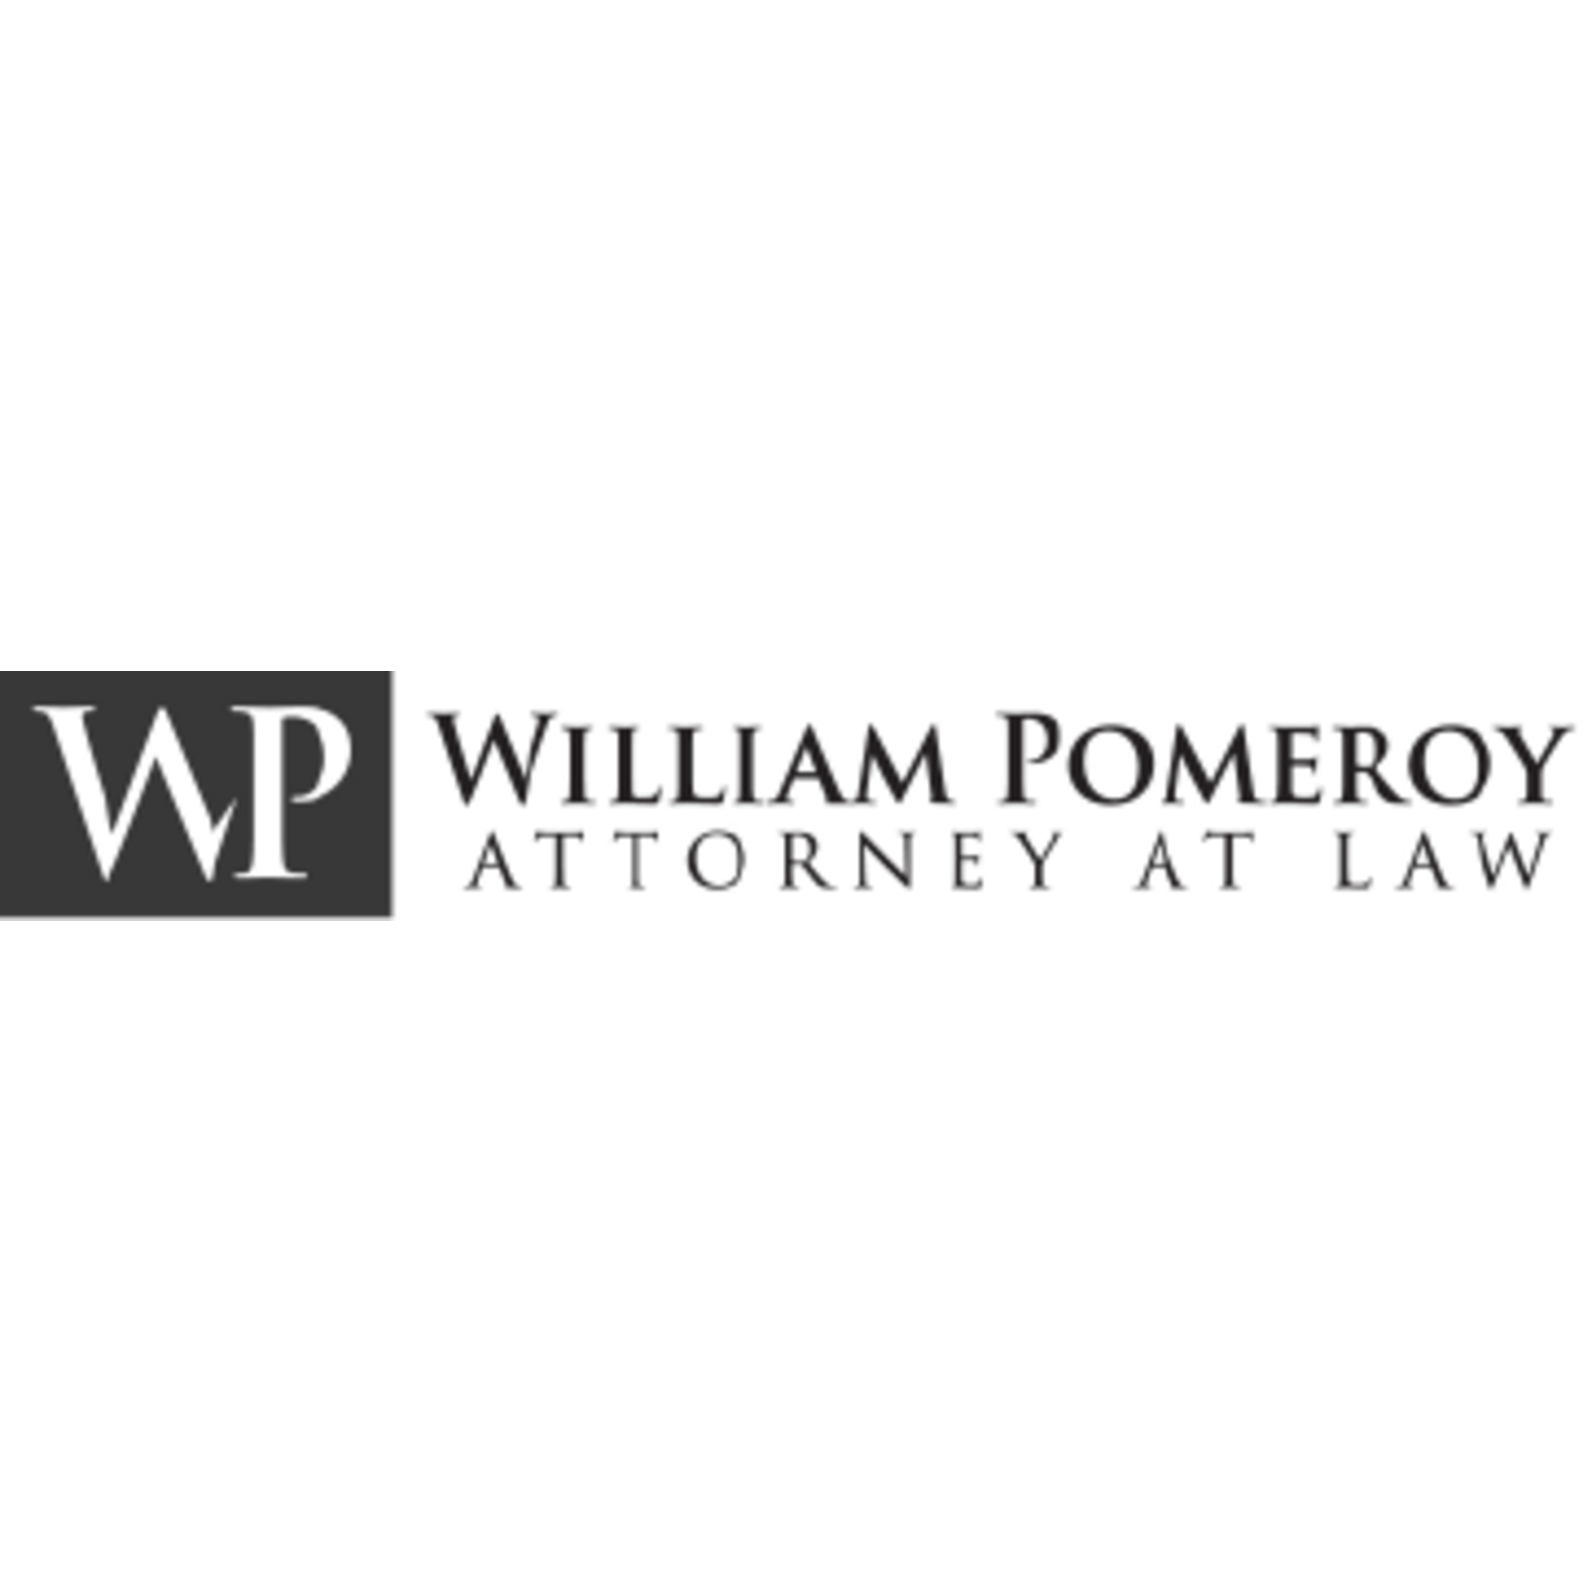 William L. Pomeroy Law